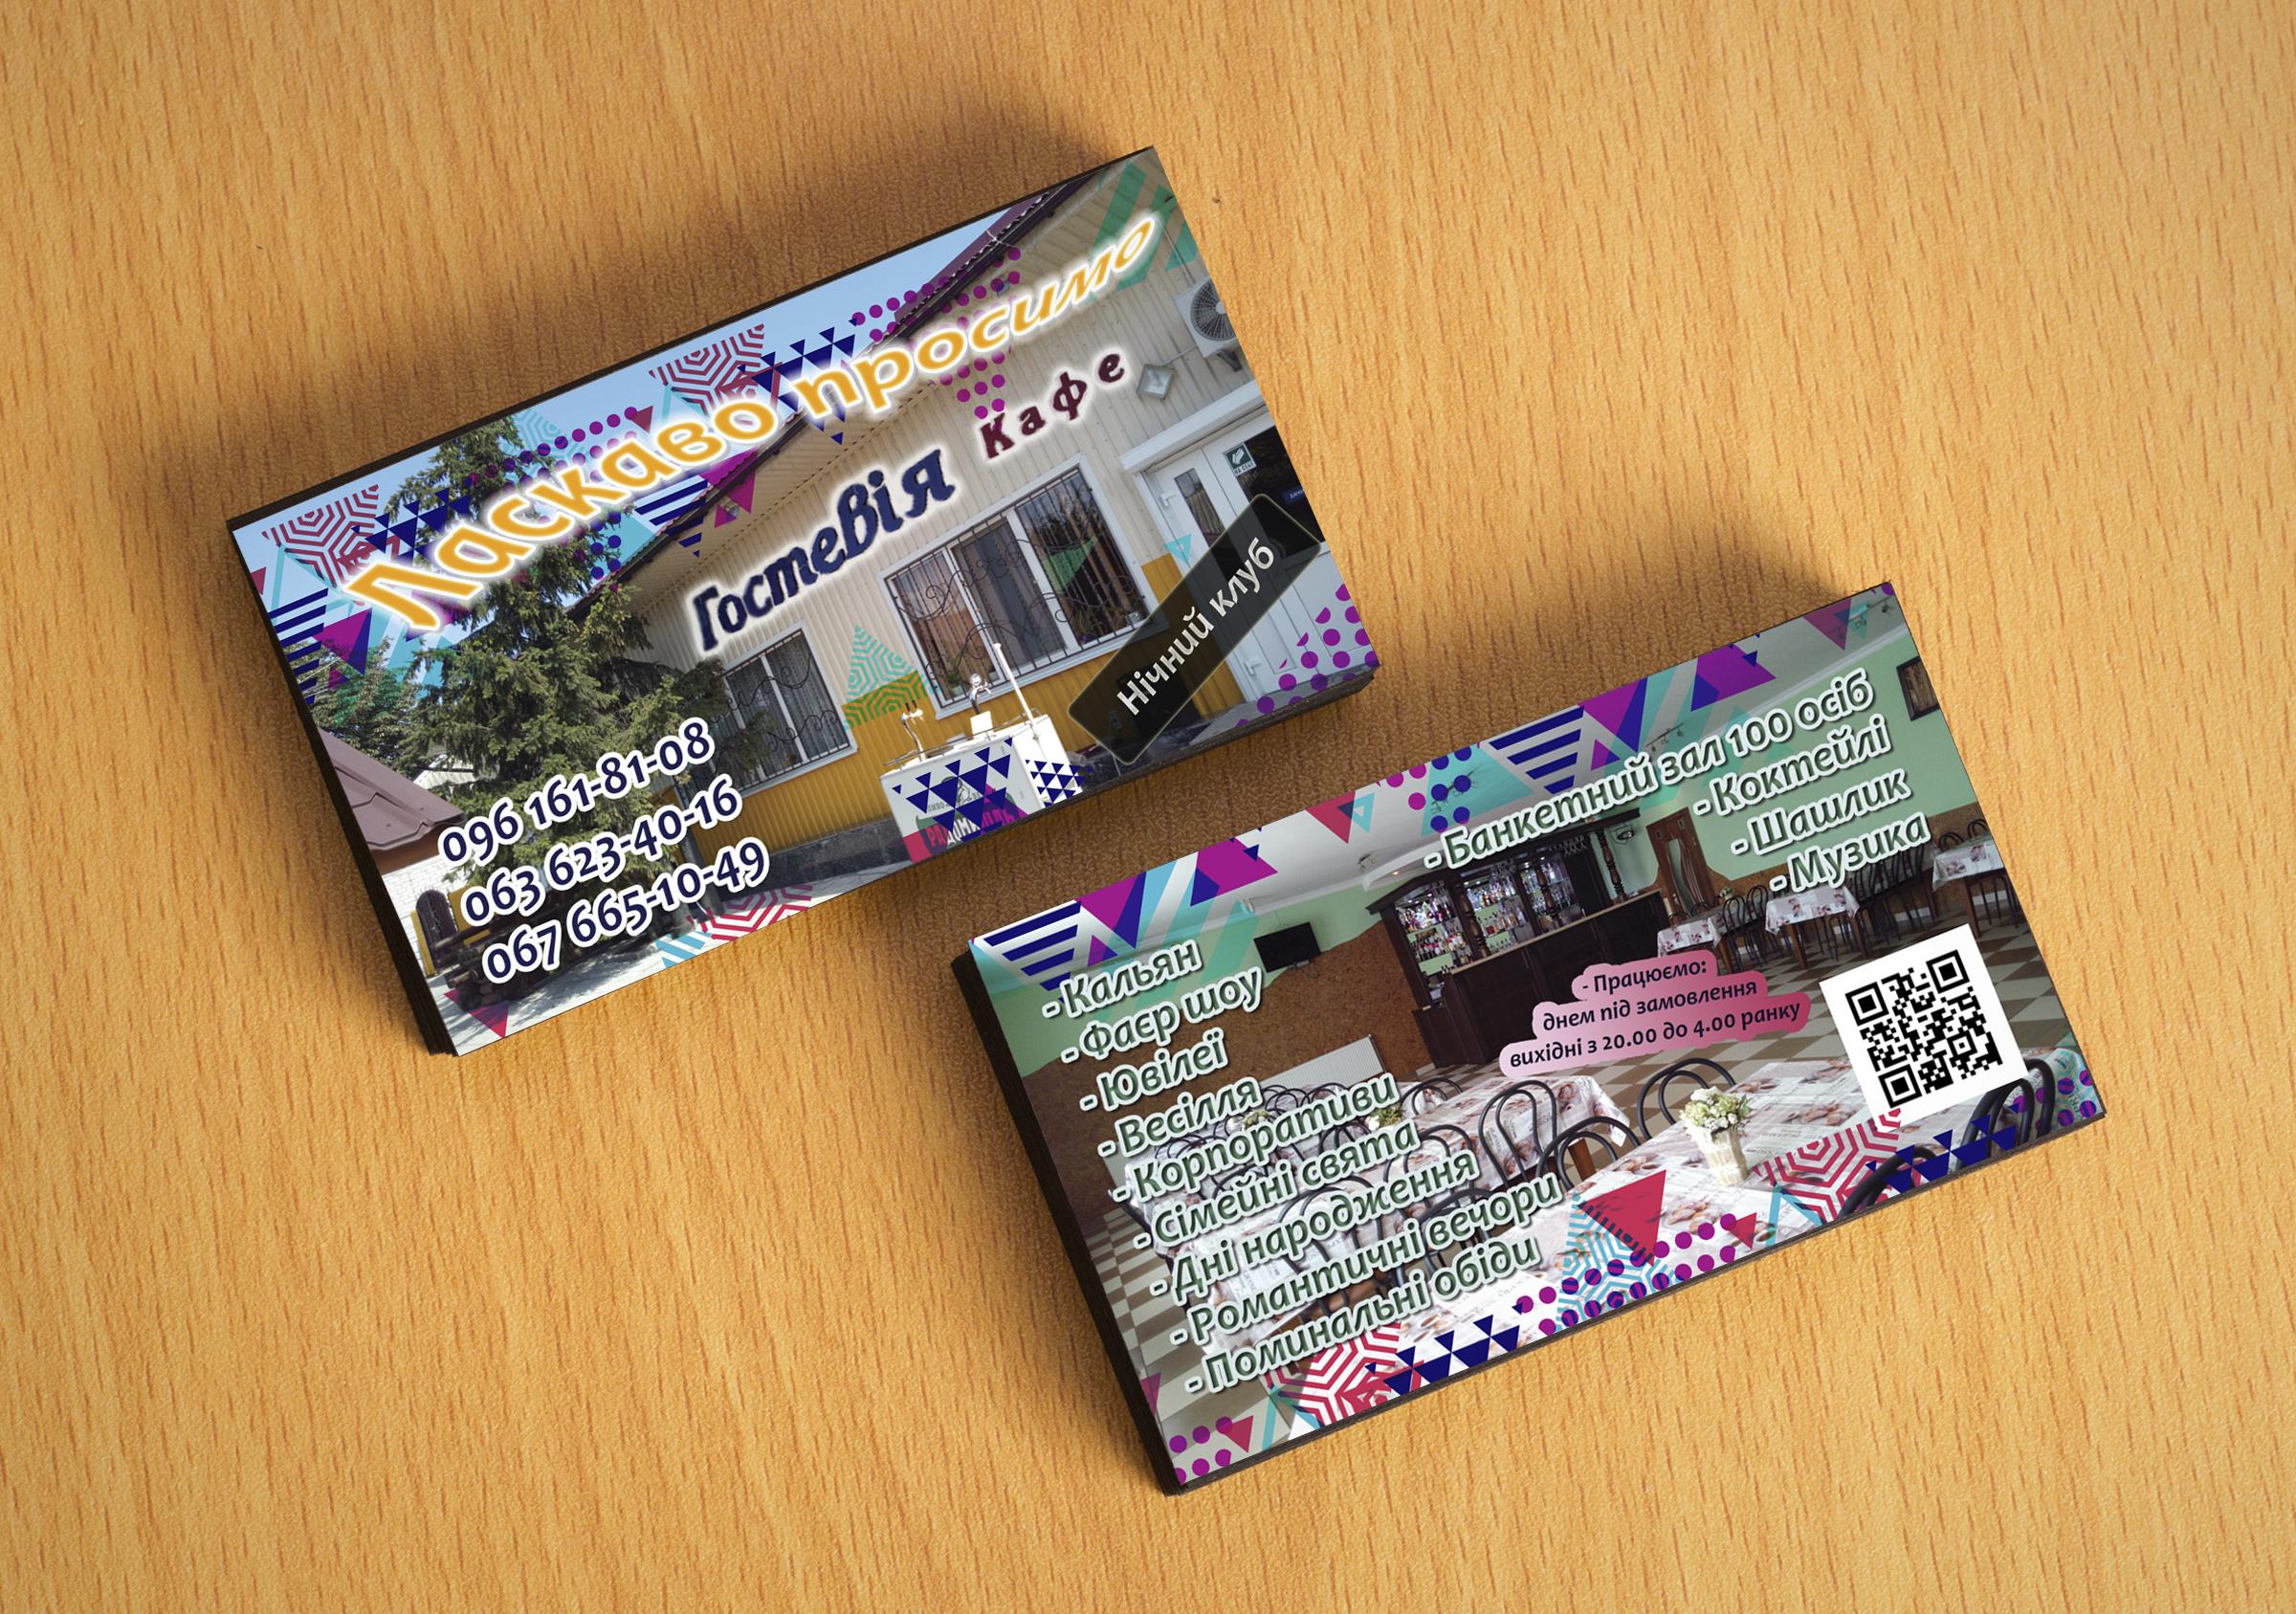 """Розробка і виготовлення візитівок + відеовізитка. Приклад Кафе """"Гостевія"""" в Брусилові"""